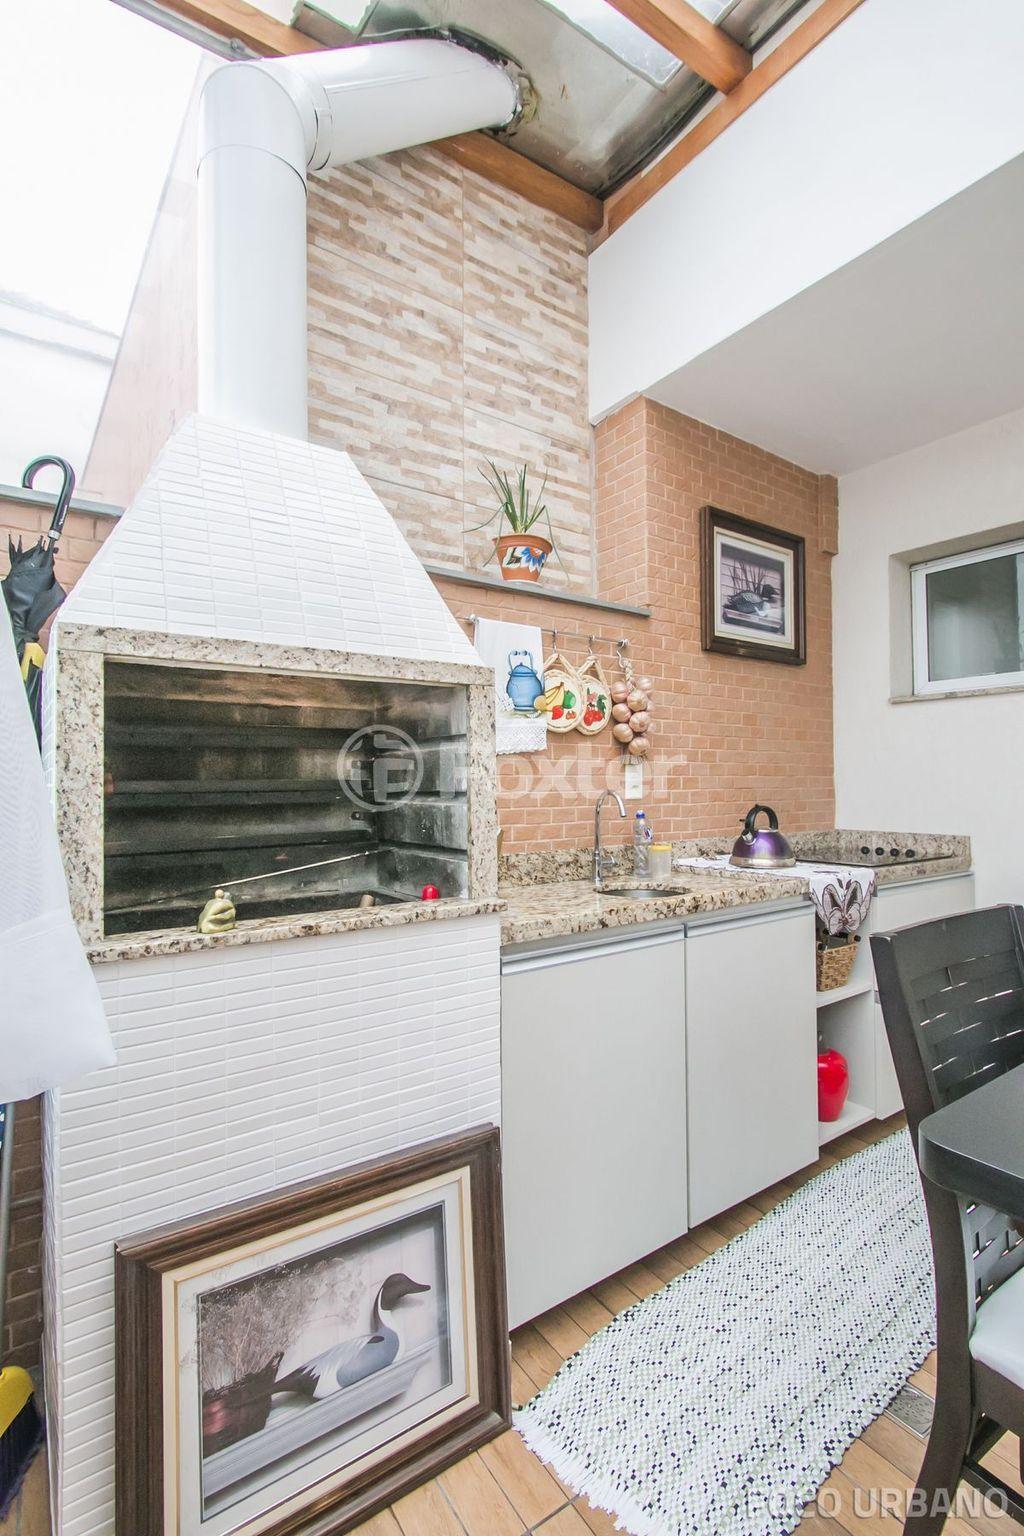 Foxter Imobiliária - Cobertura 2 Dorm (146243) - Foto 9